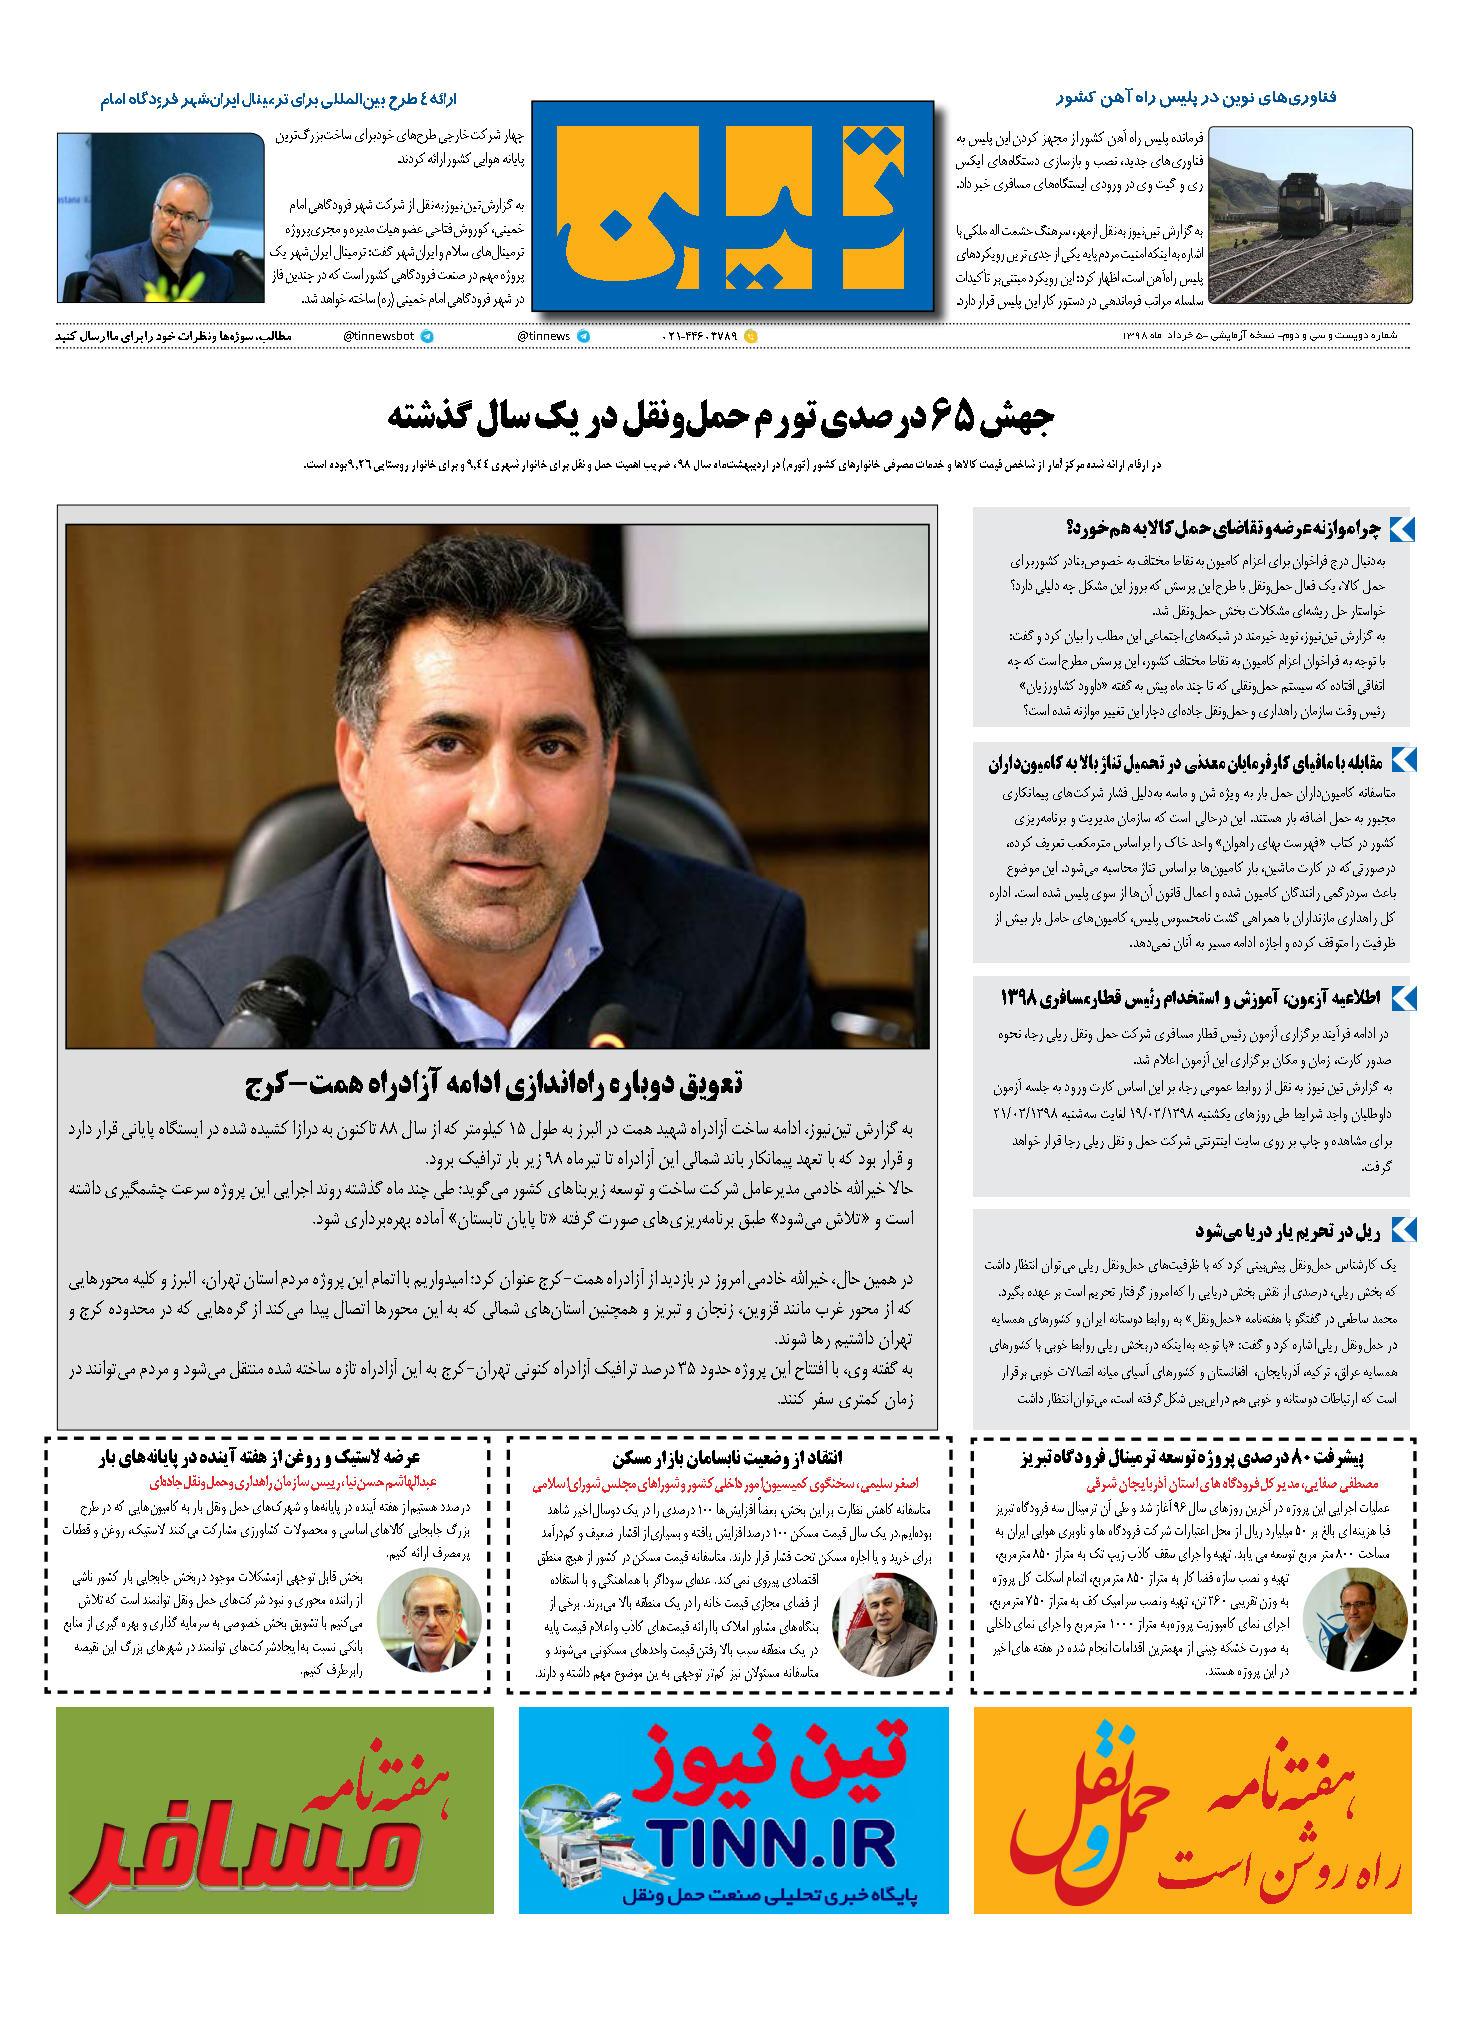 روزنامه الکترونیک 5 خرداد ماه 98